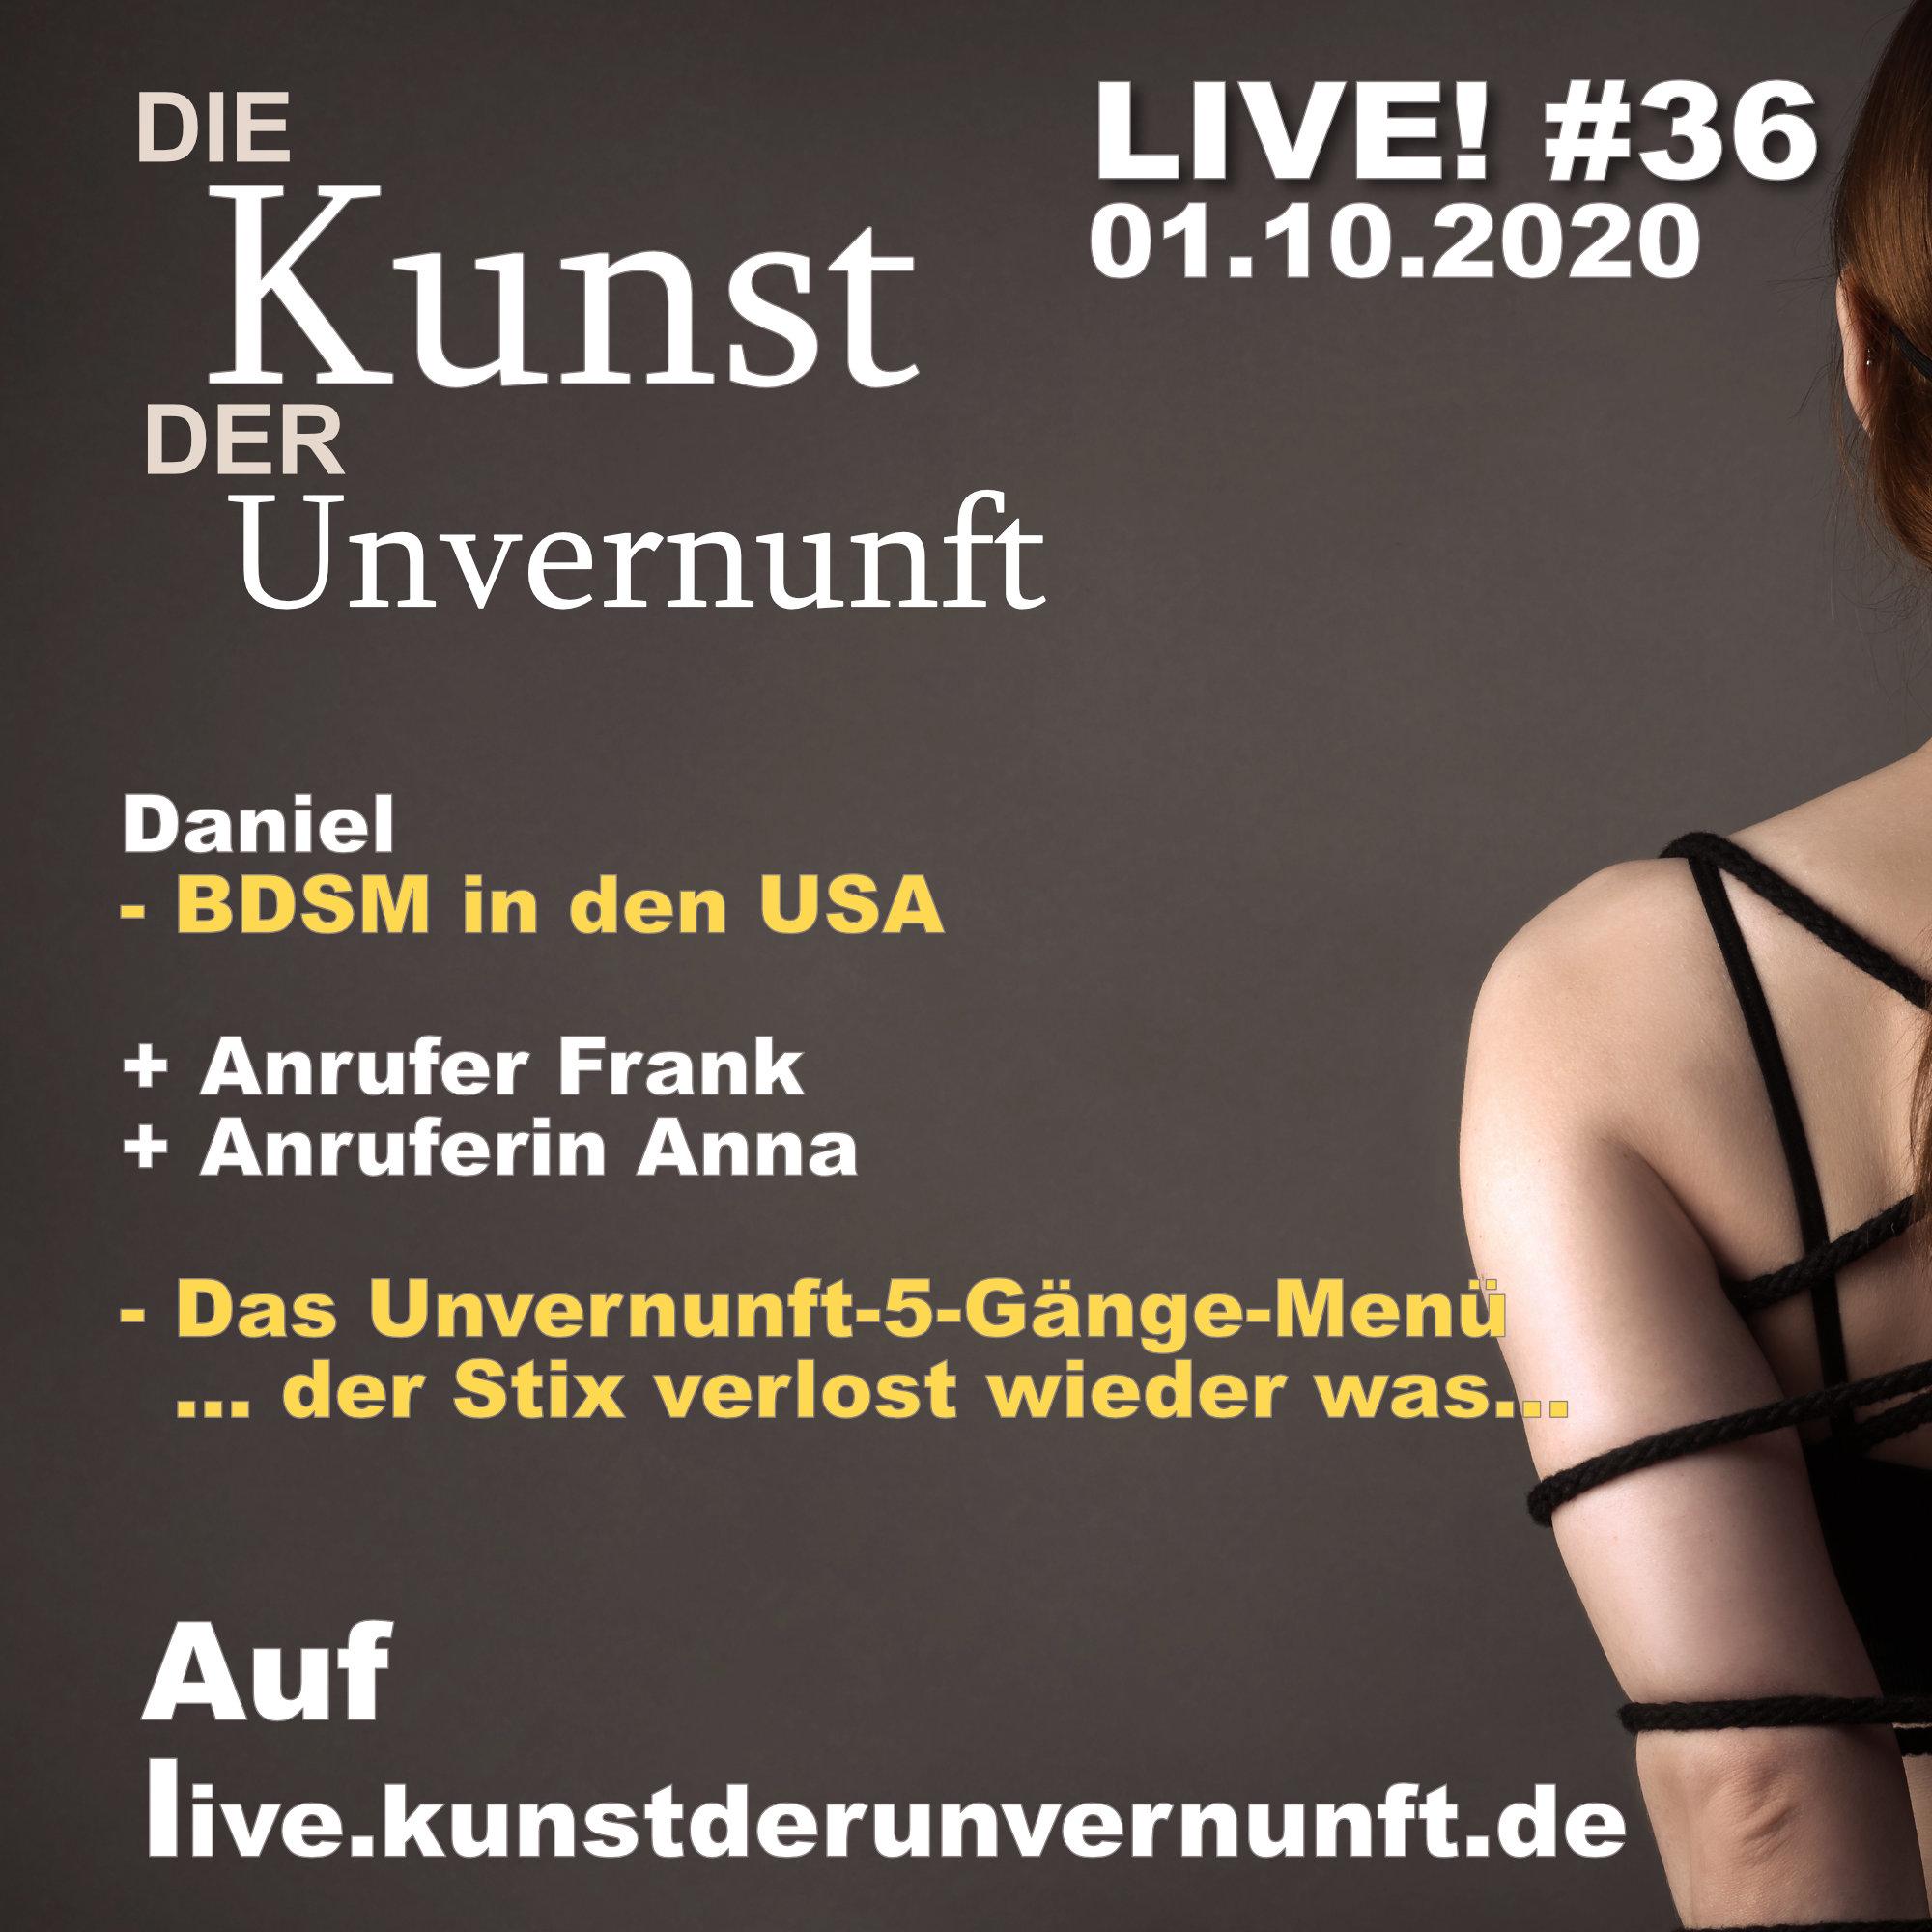 Unvernunft Live 01.10.20 - BDSM in den USA